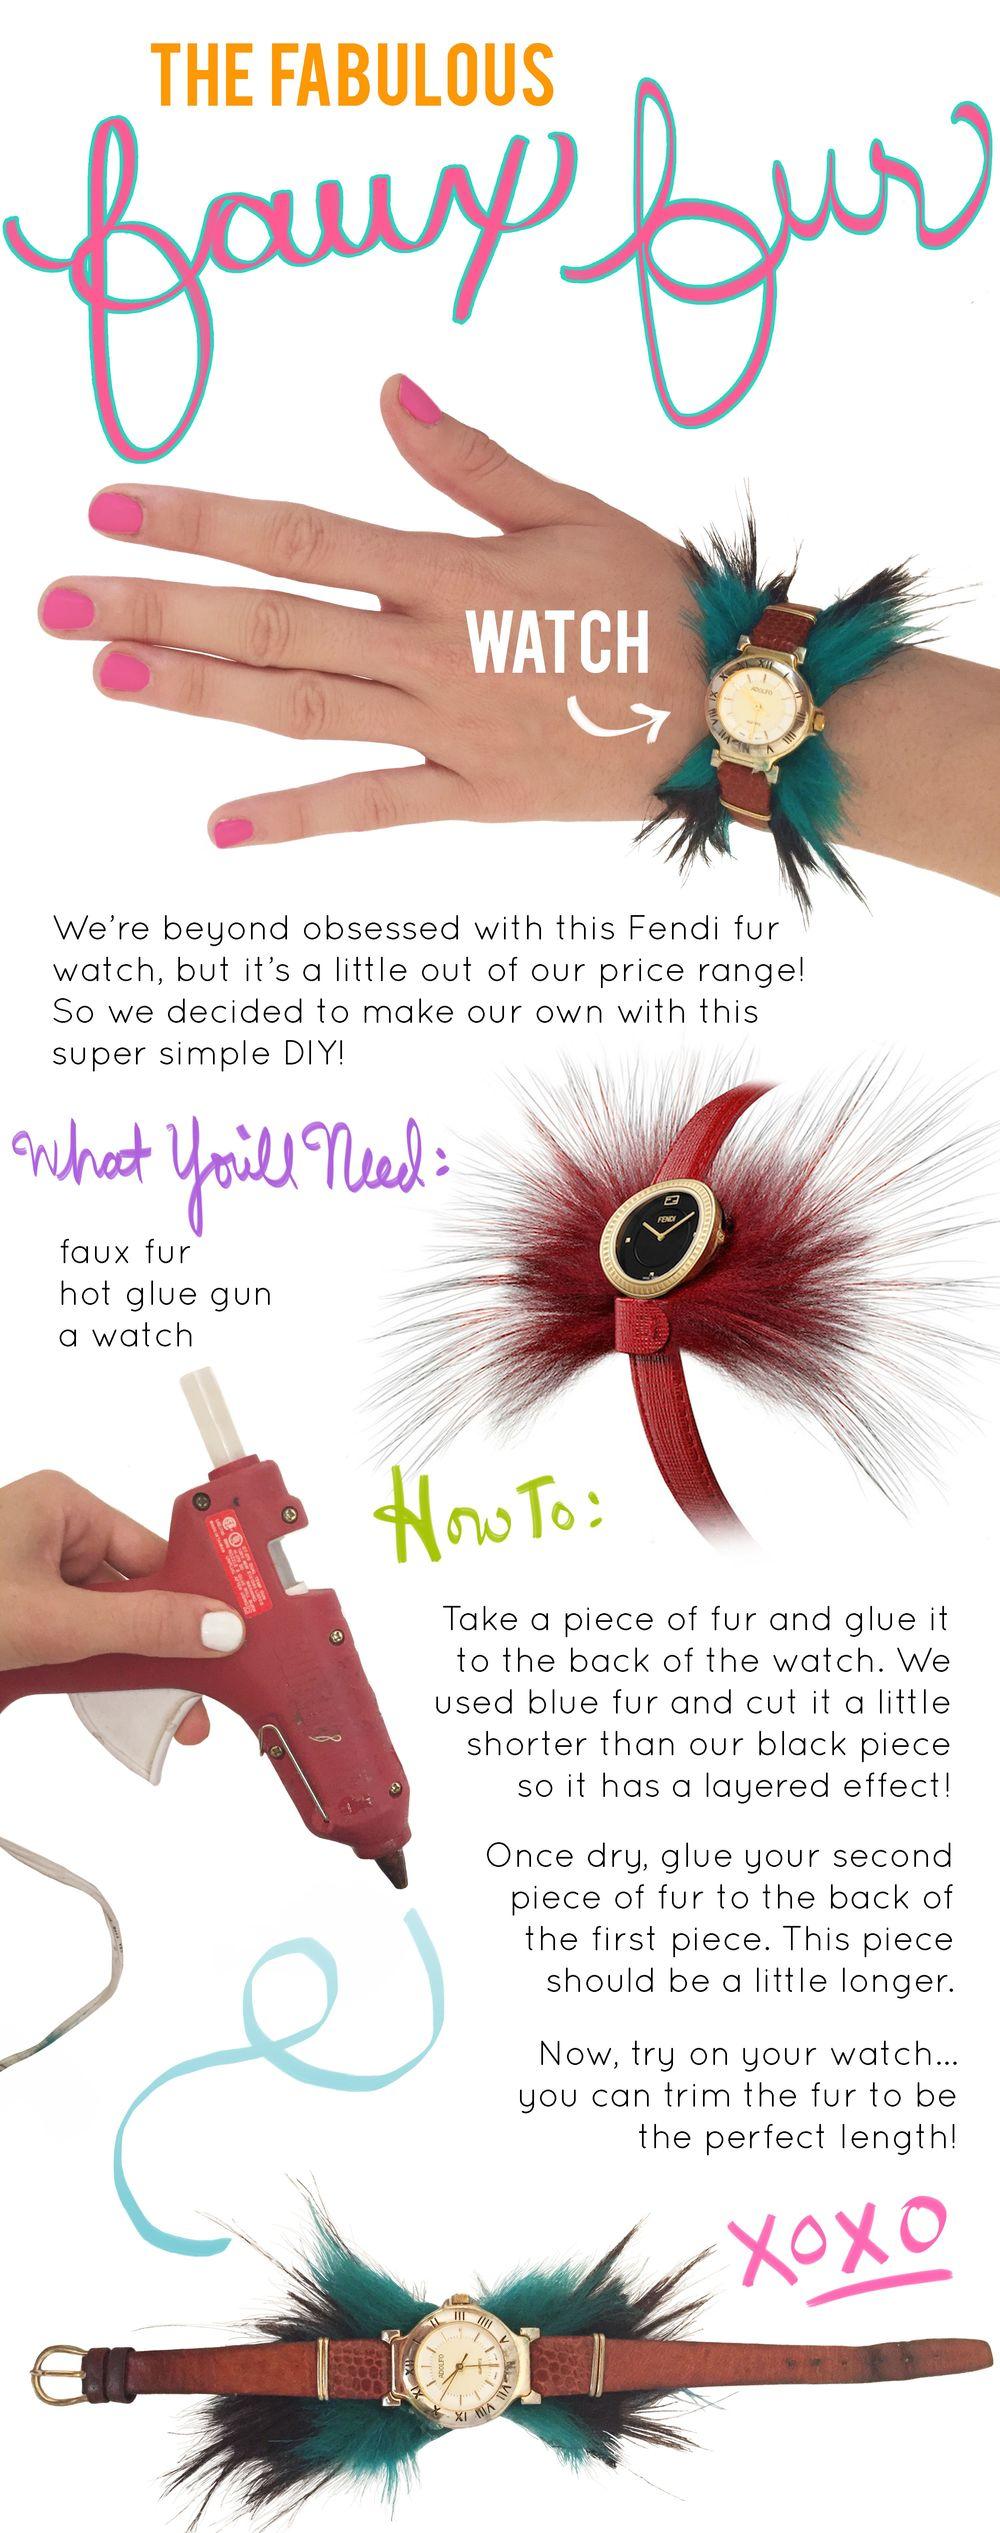 Faux Fur Watch